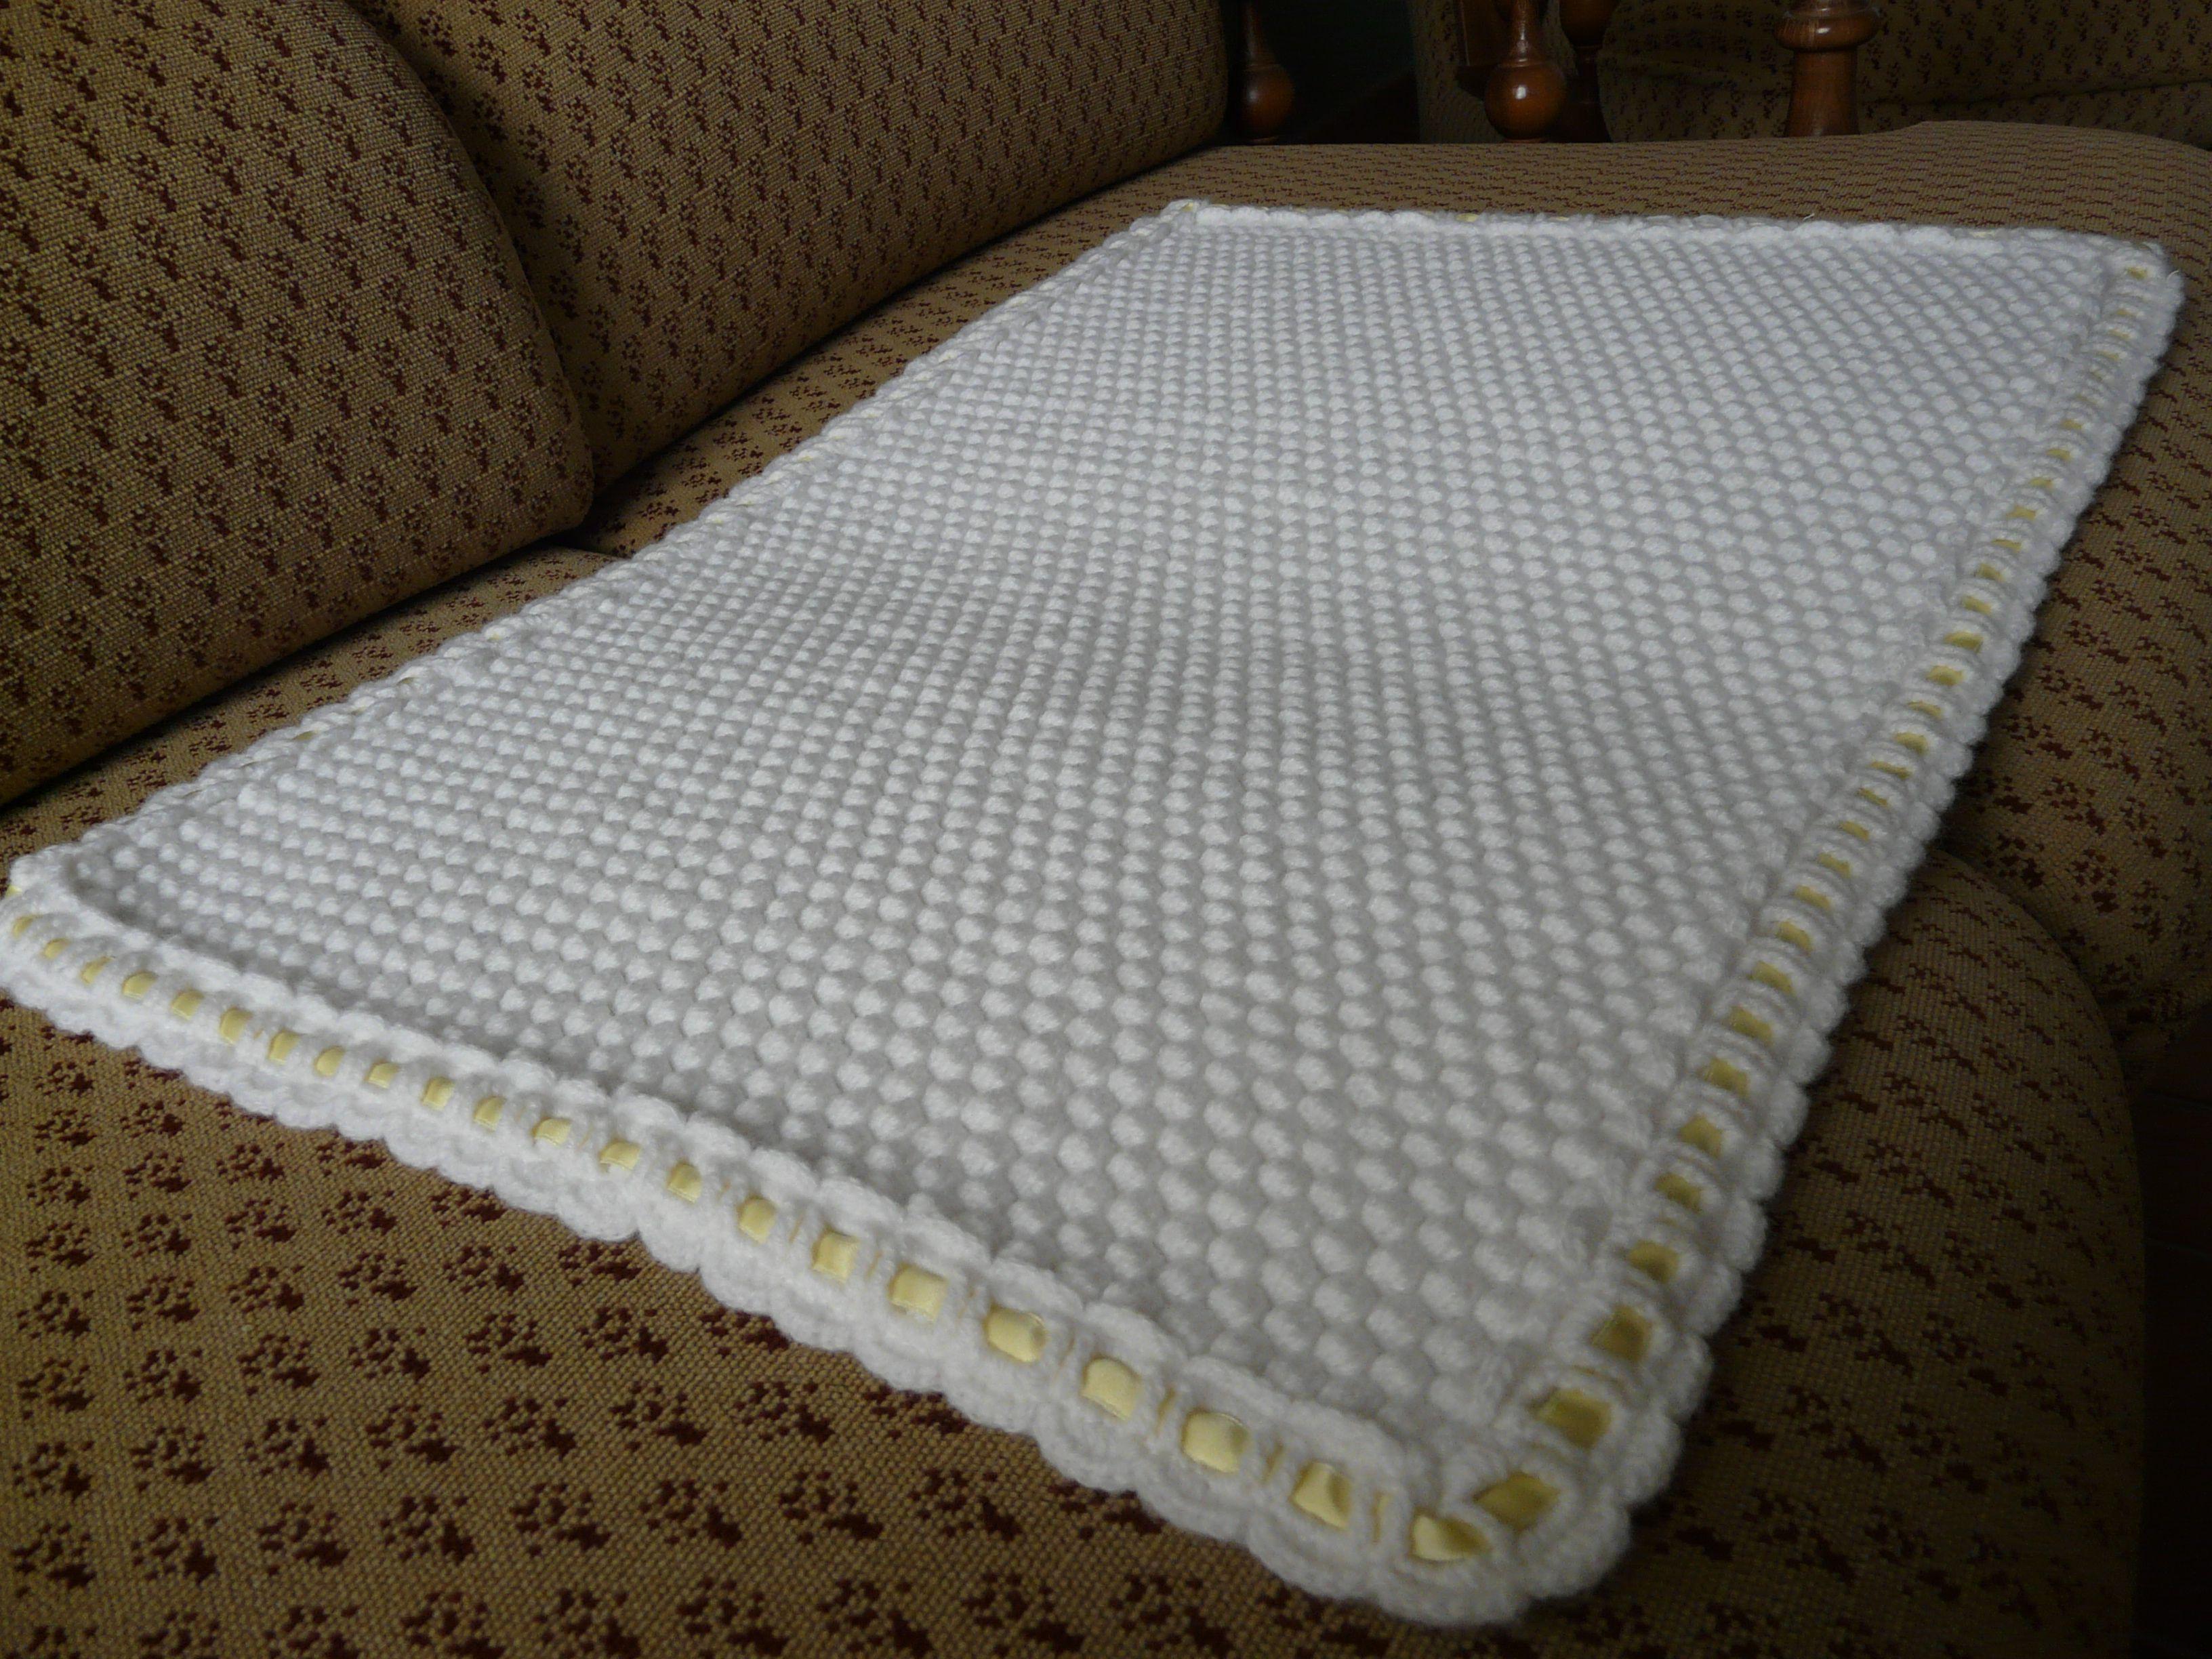 couverture b b crochet crochet pinterest couverture b b josephine et le point. Black Bedroom Furniture Sets. Home Design Ideas